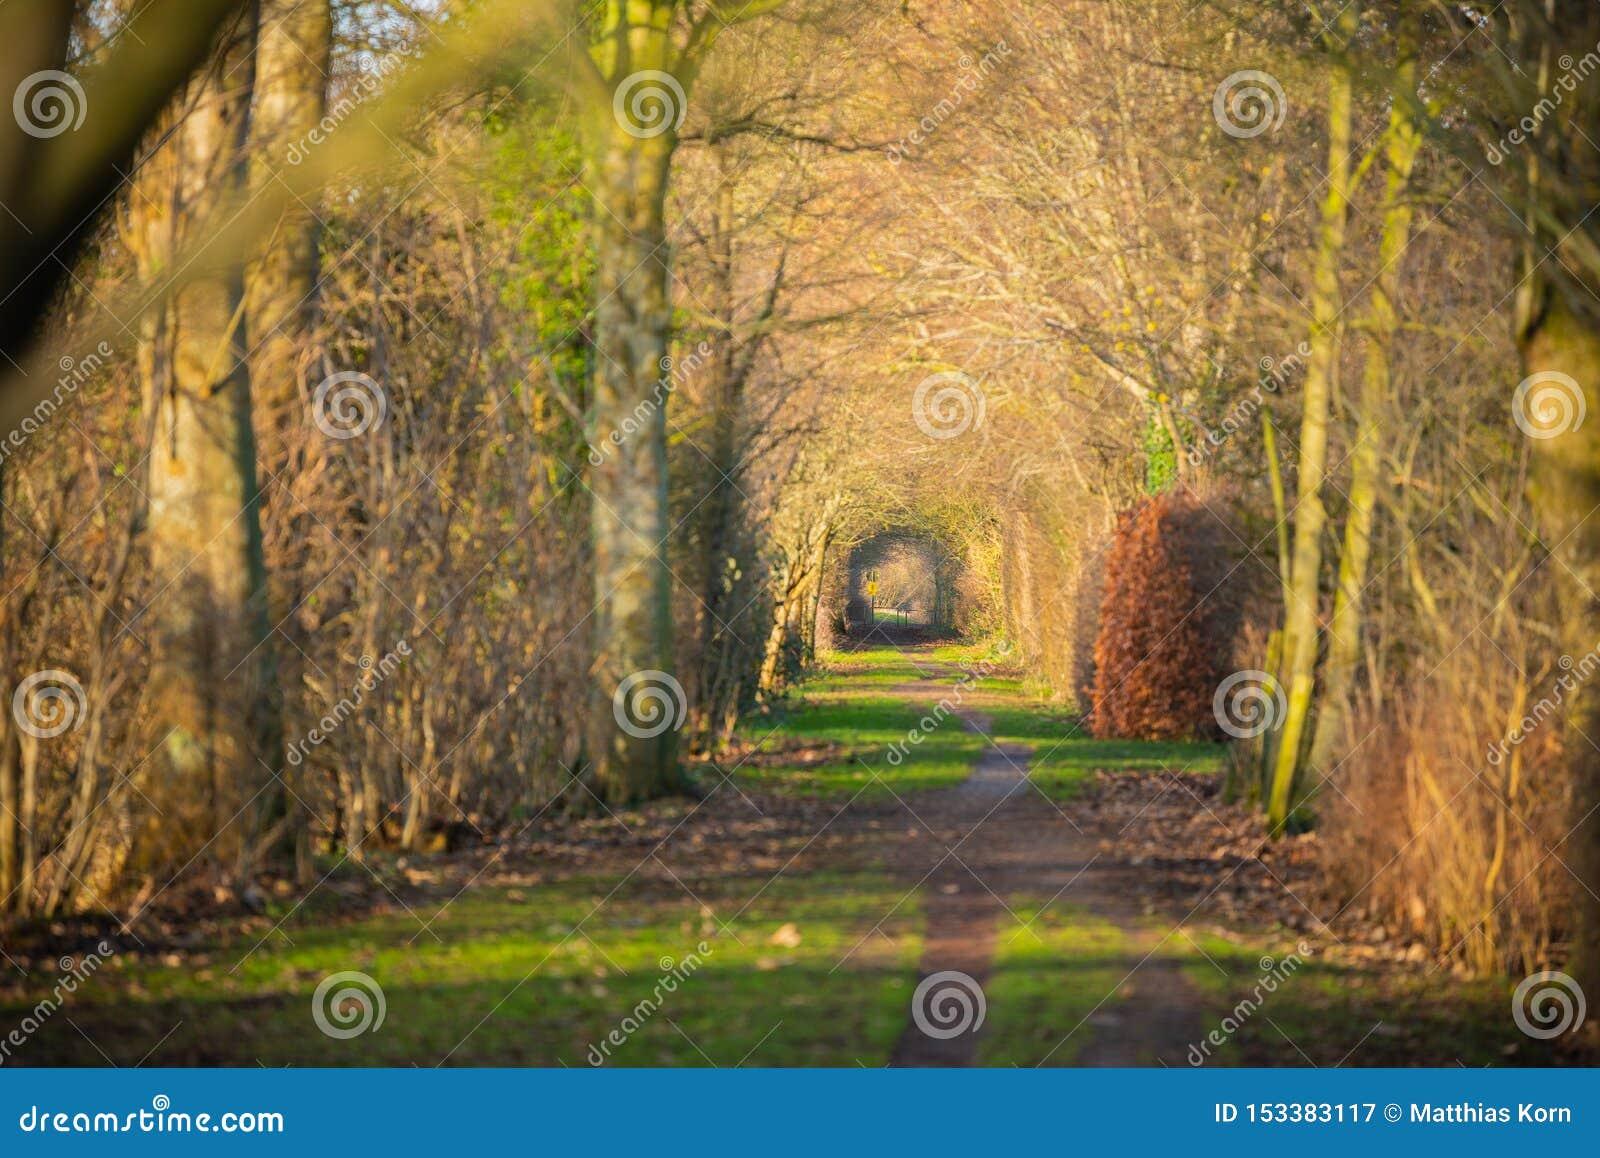 Ein Weg durch einen Herbstwald